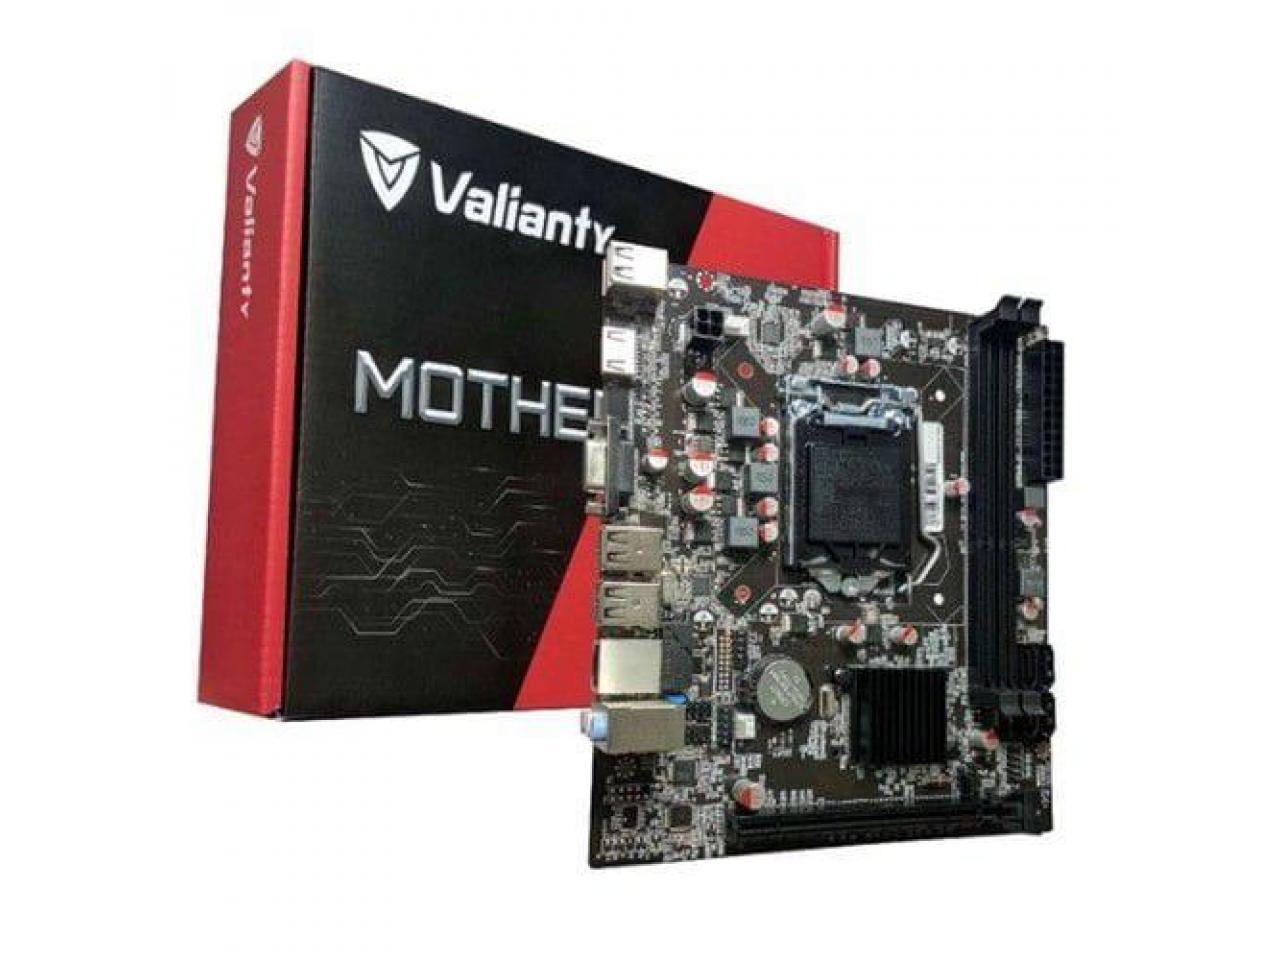 Placa Mãe Valianty, Chipset H81, Intel LGA 1150, mATX, DDR3 - IH81-MA6